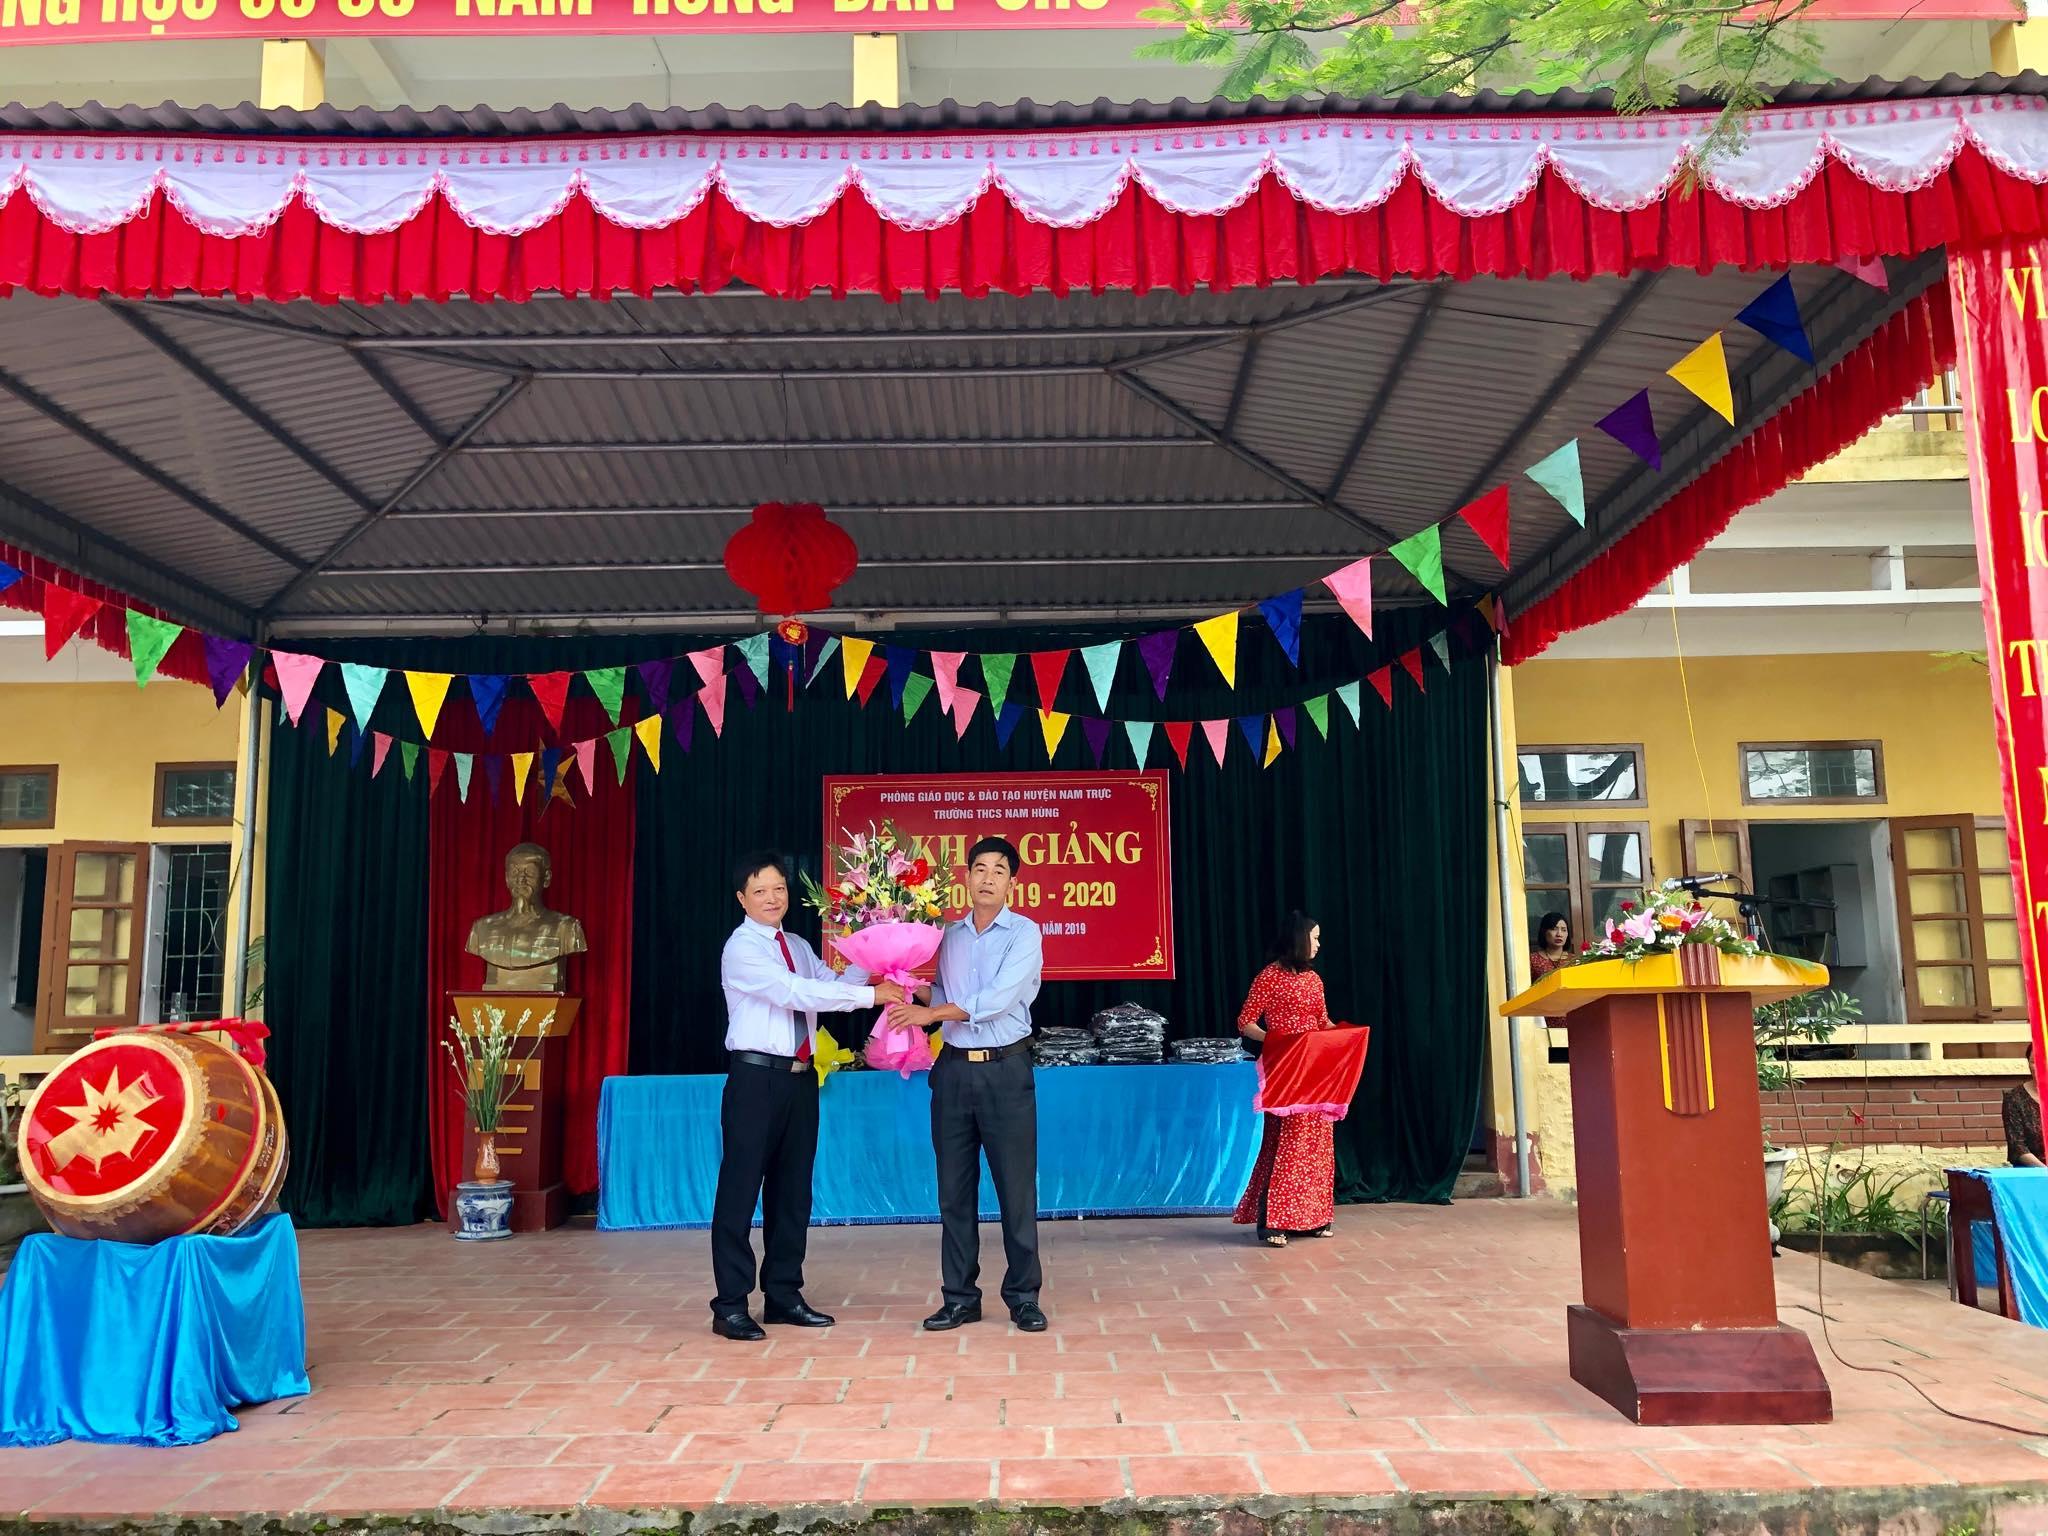 Đại diện lãnh đạo xã Nam Hùng phát biểu và tặng hoa chào mừng nhà trường